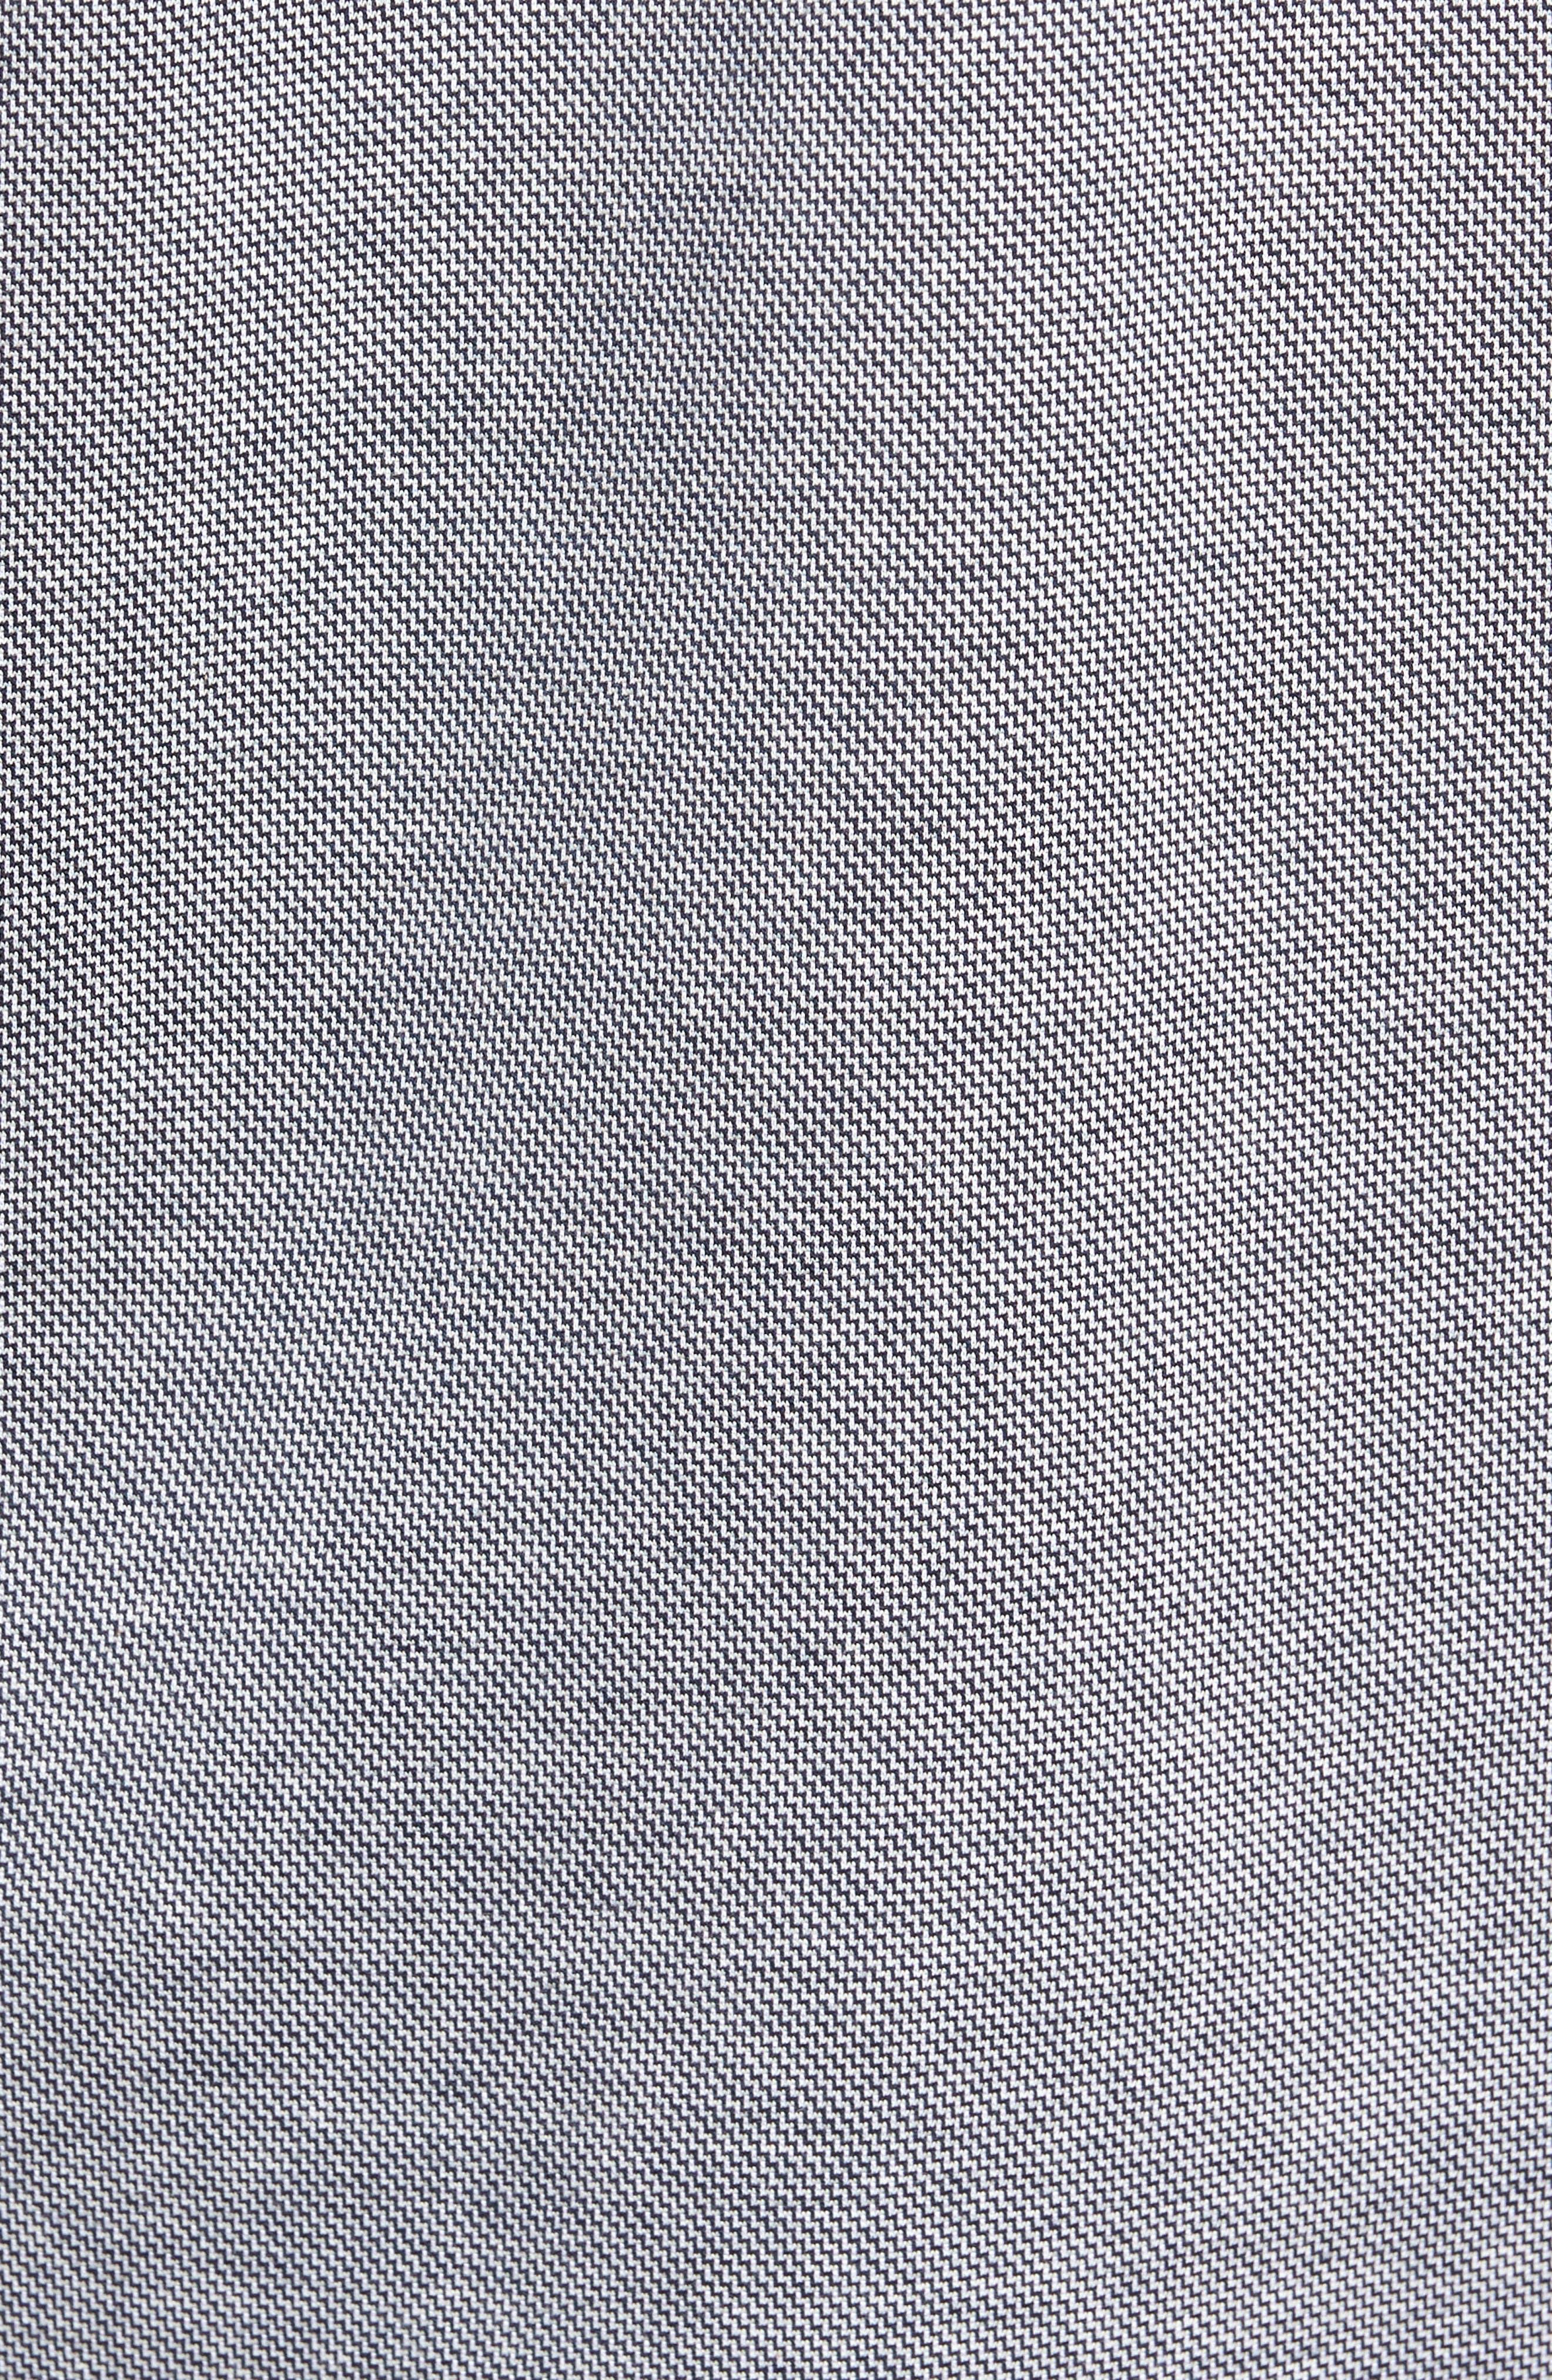 Verde Jacquard Mercerized Cotton Polo,                             Alternate thumbnail 5, color,                             400